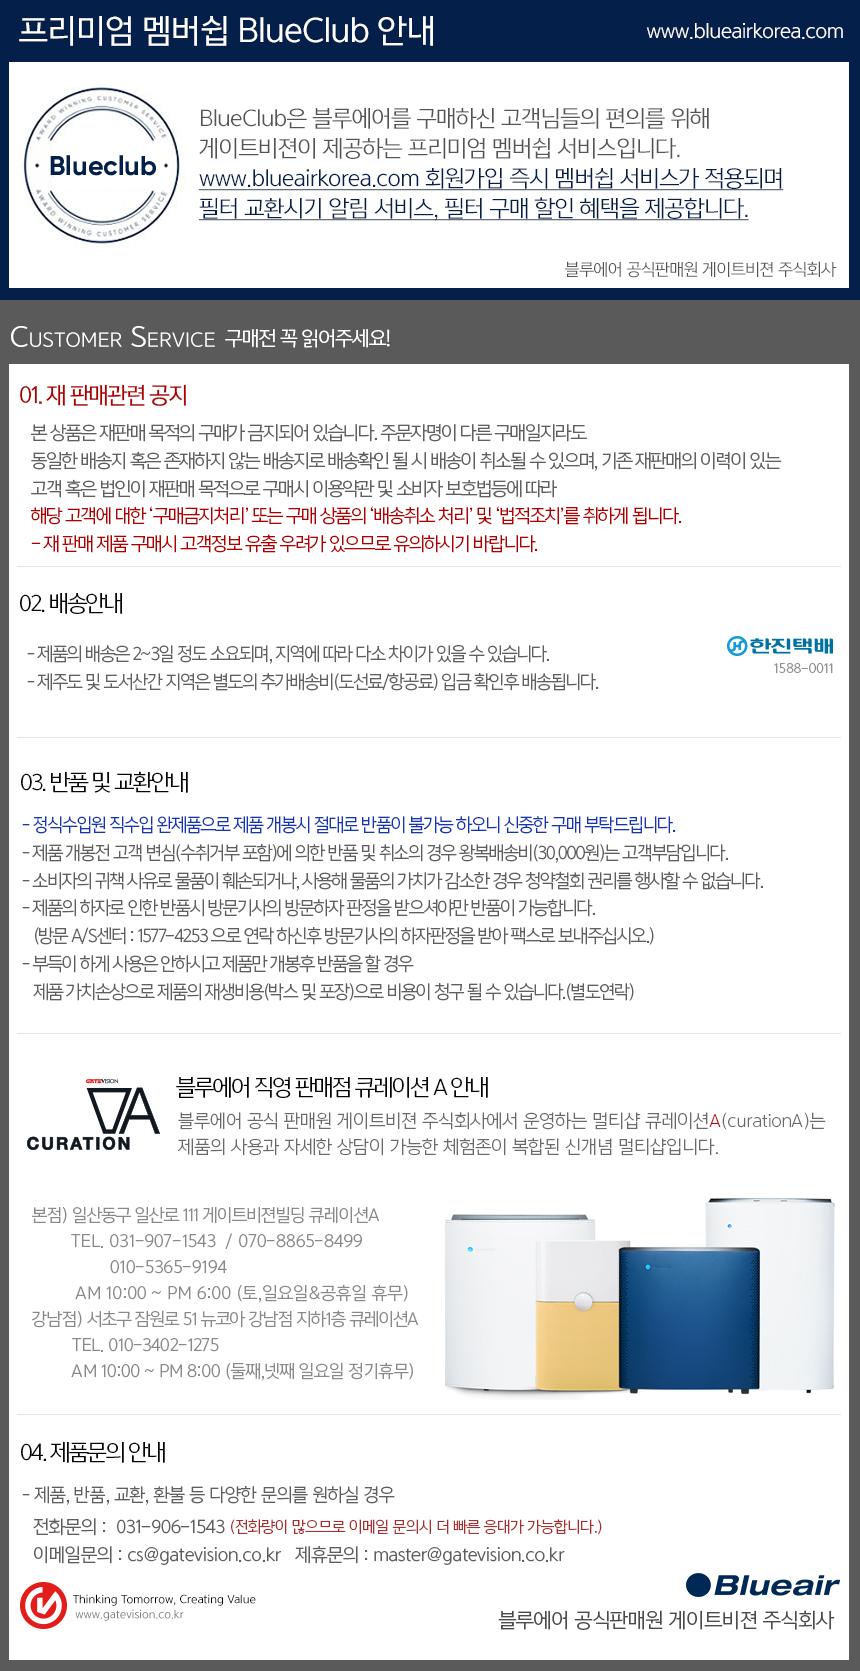 info_blueair_ag.jpg